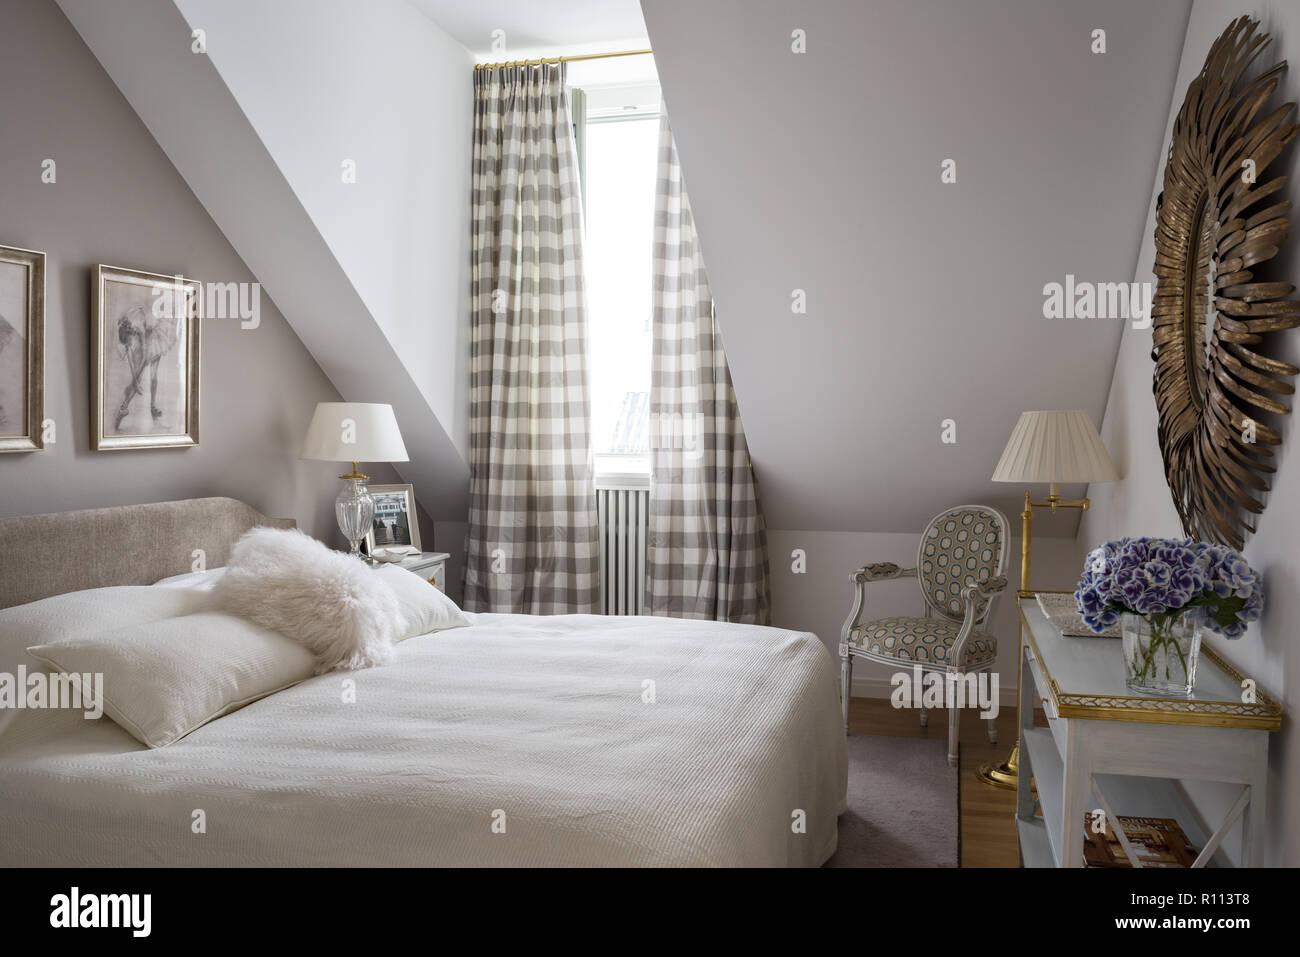 Im gustavianischen Schlafzimmer mit Satteldach Decke Stockfoto, Bild ...